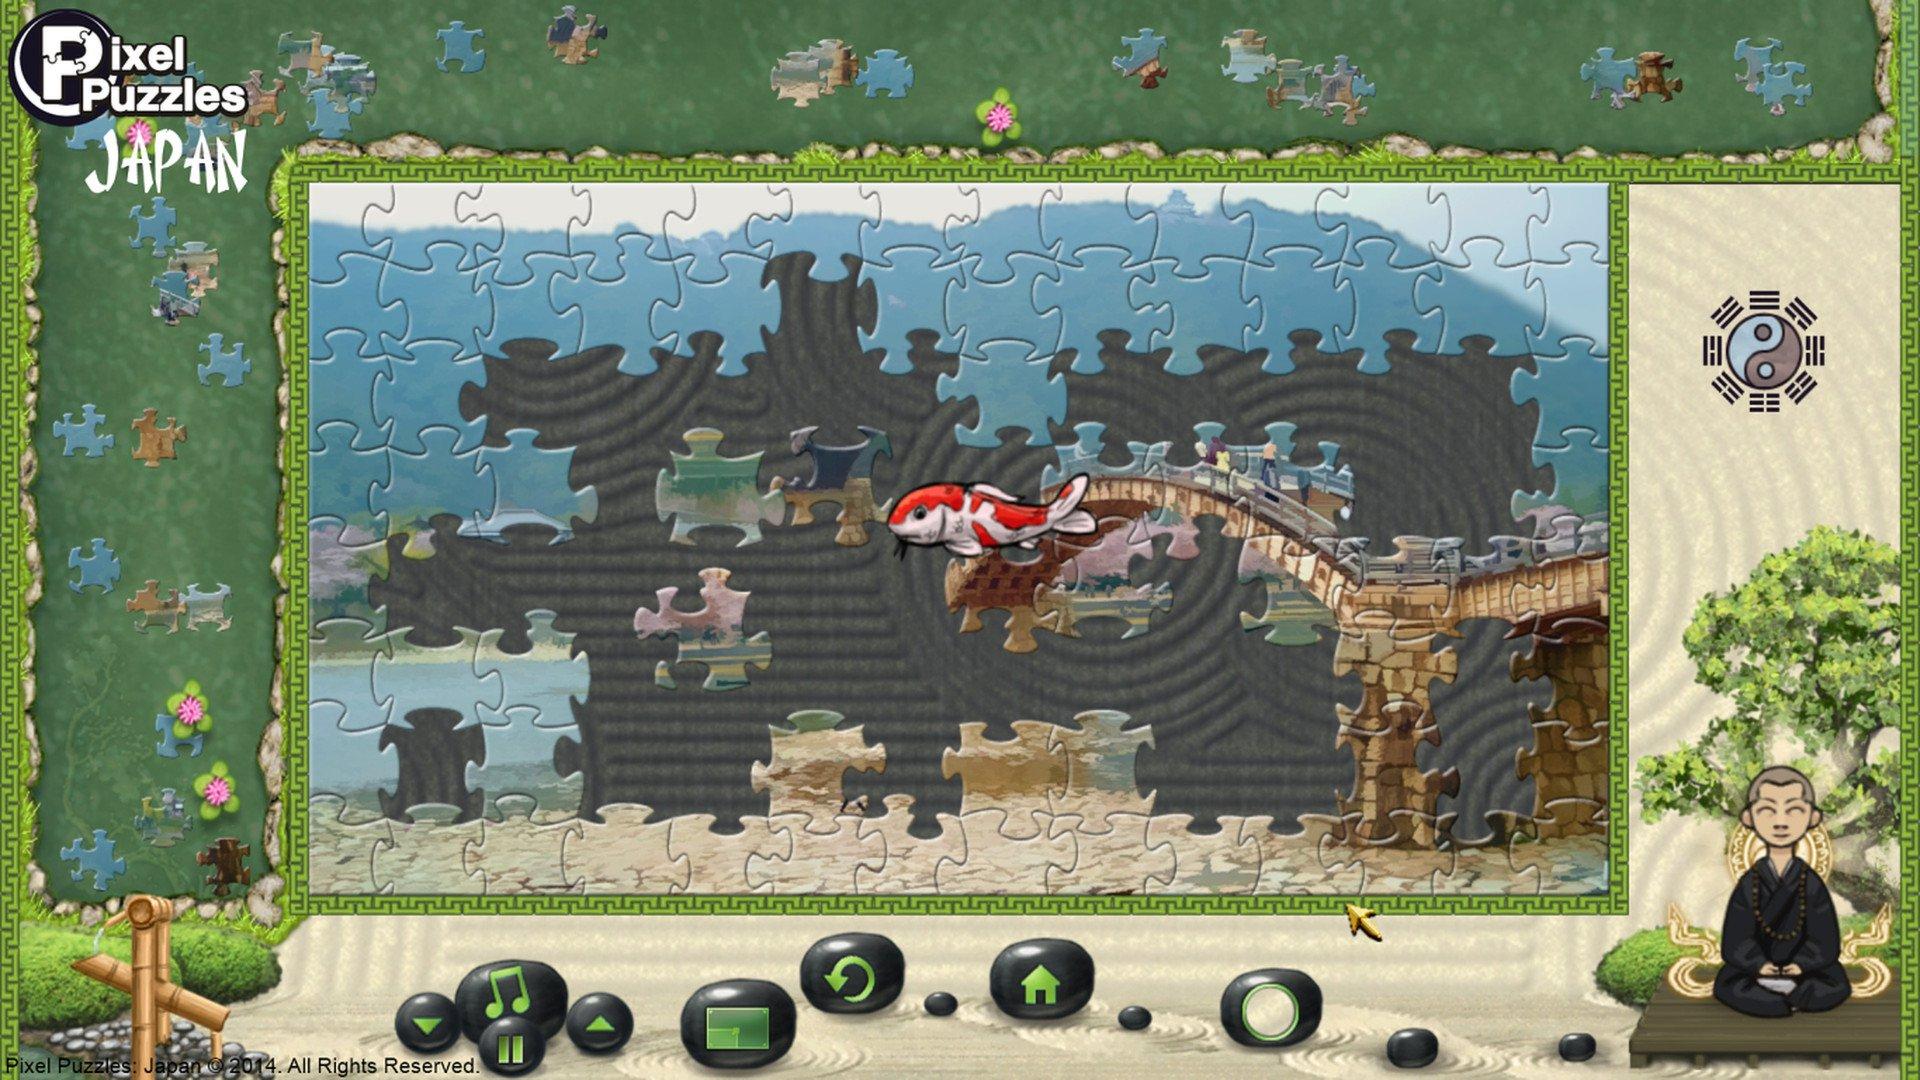 Pixel Puzzles Japan 6